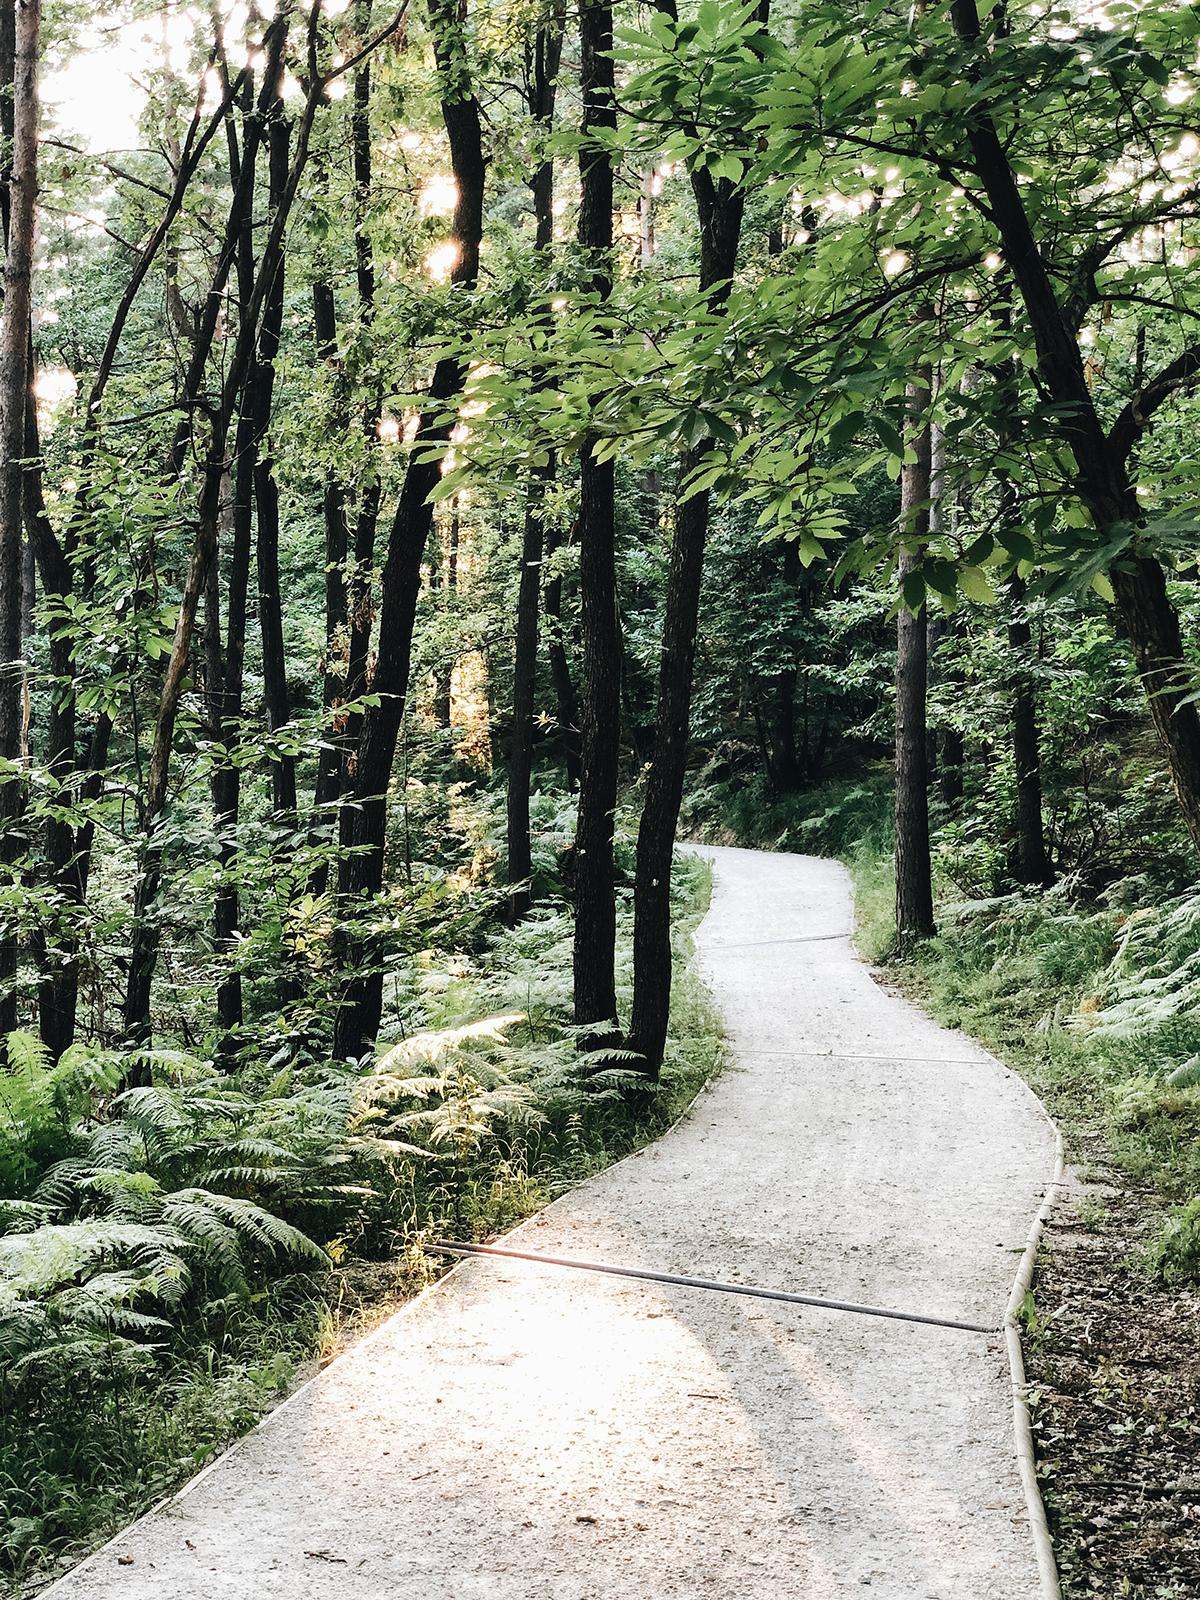 ohranimo-naravo-čisto-in-neokrnjeno-lili-in-roza-blog-skrb-za-okolje-gozd-10.JPG